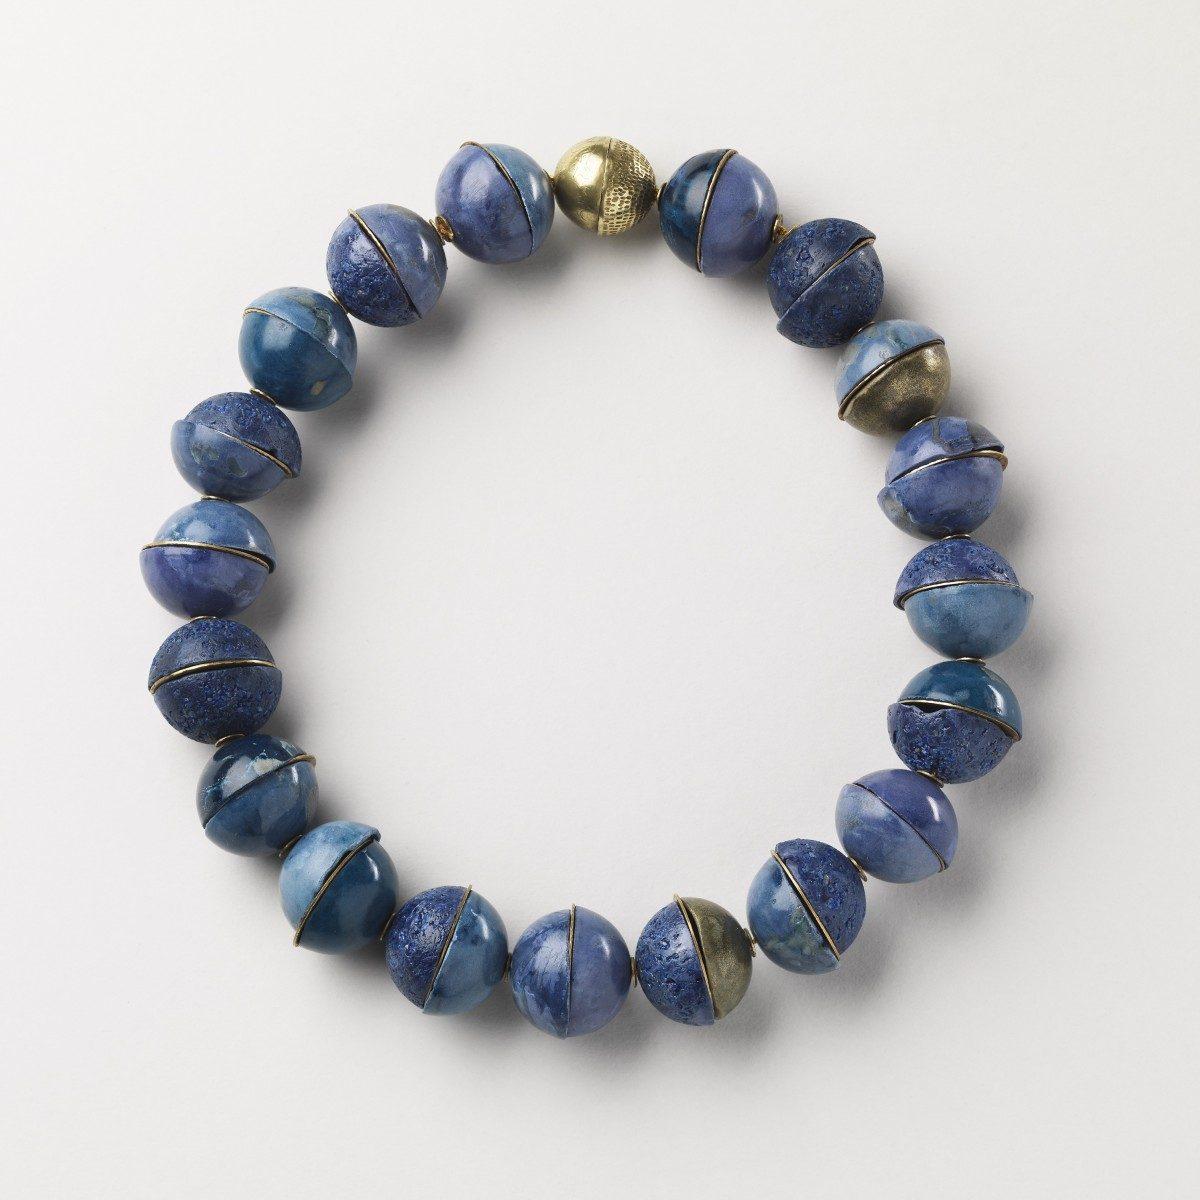 Blue Neckpiece by Caitlin Hegney